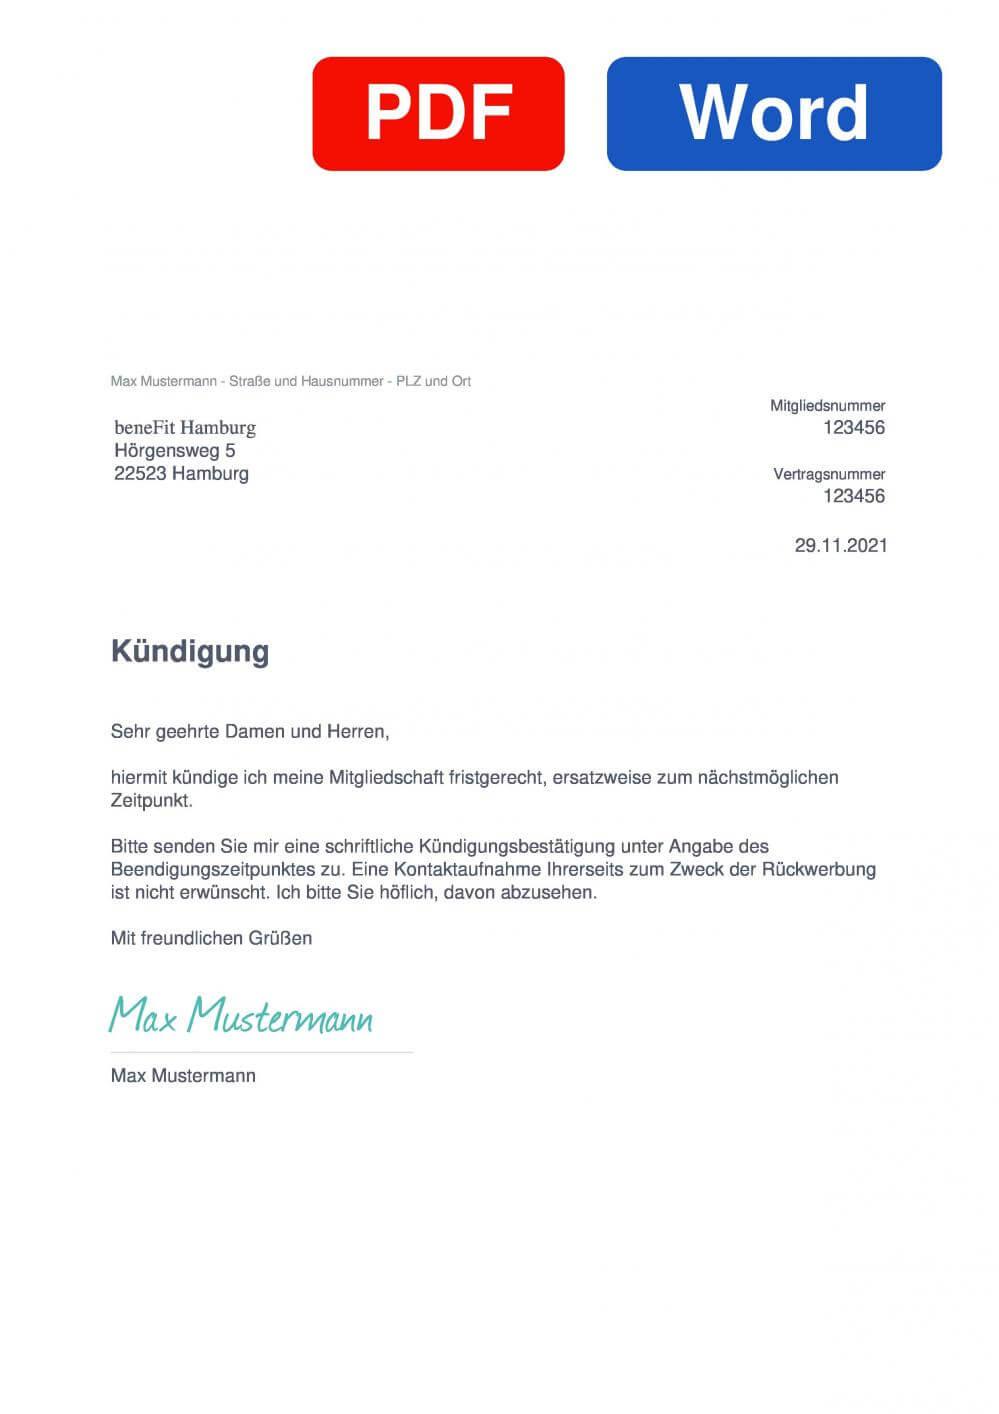 Benefit Hamburg Muster Vorlage für Kündigungsschreiben